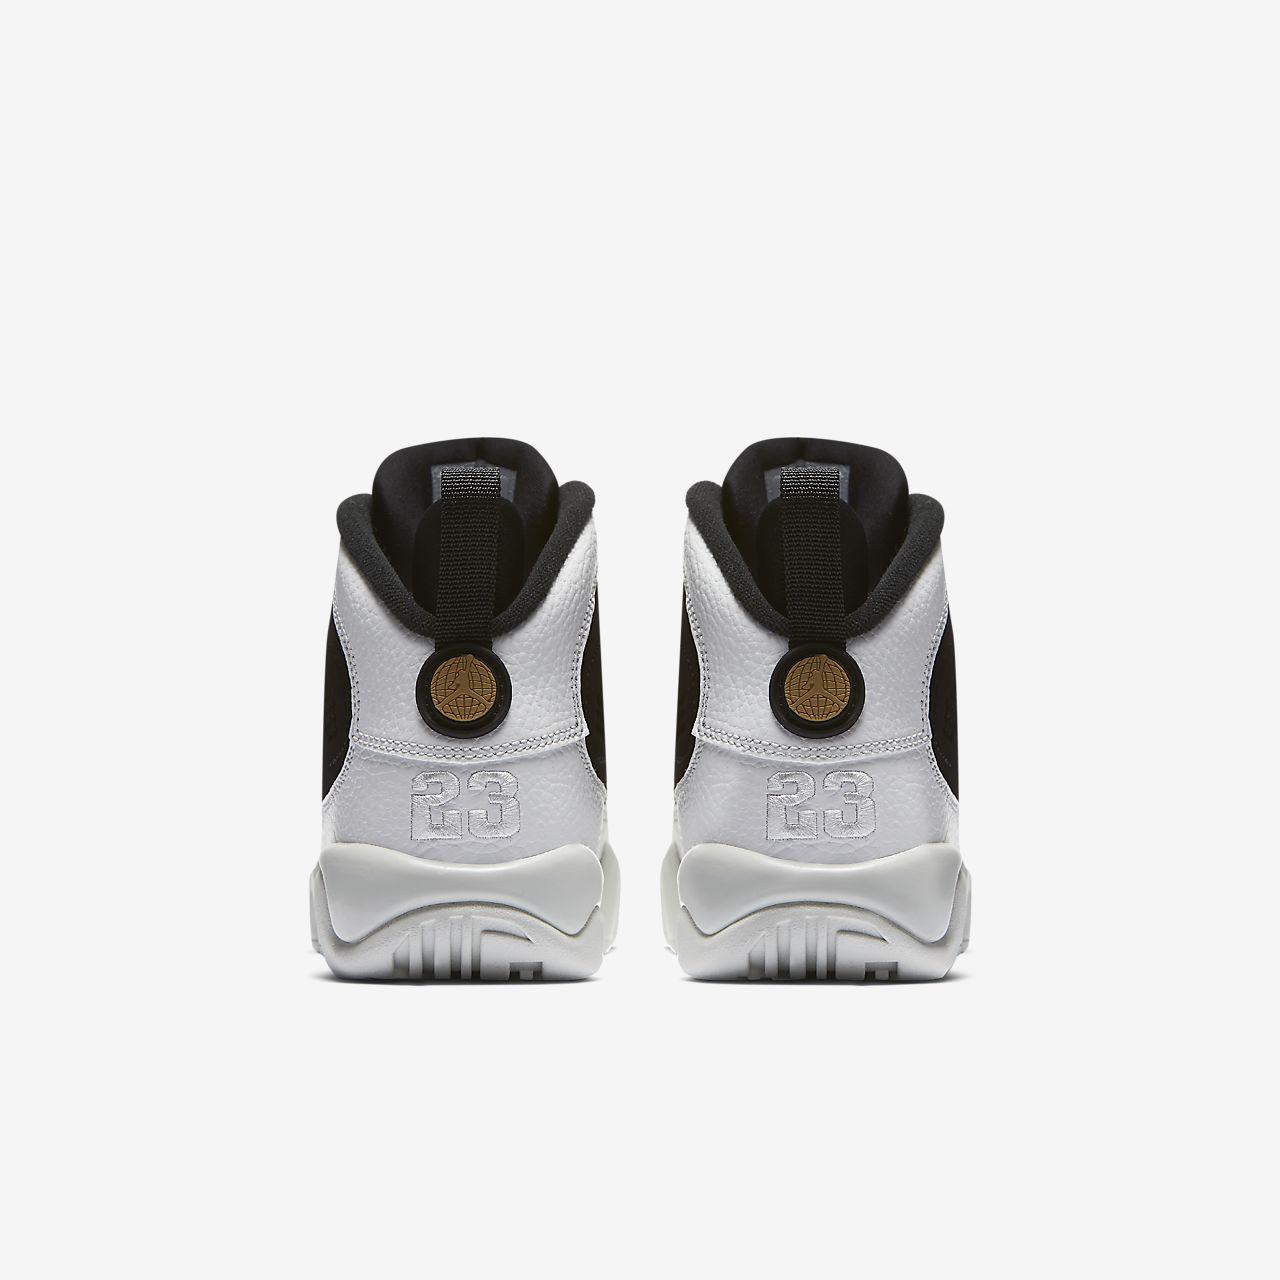 ... Air Jordan 9 Retro Older Kids' Shoe